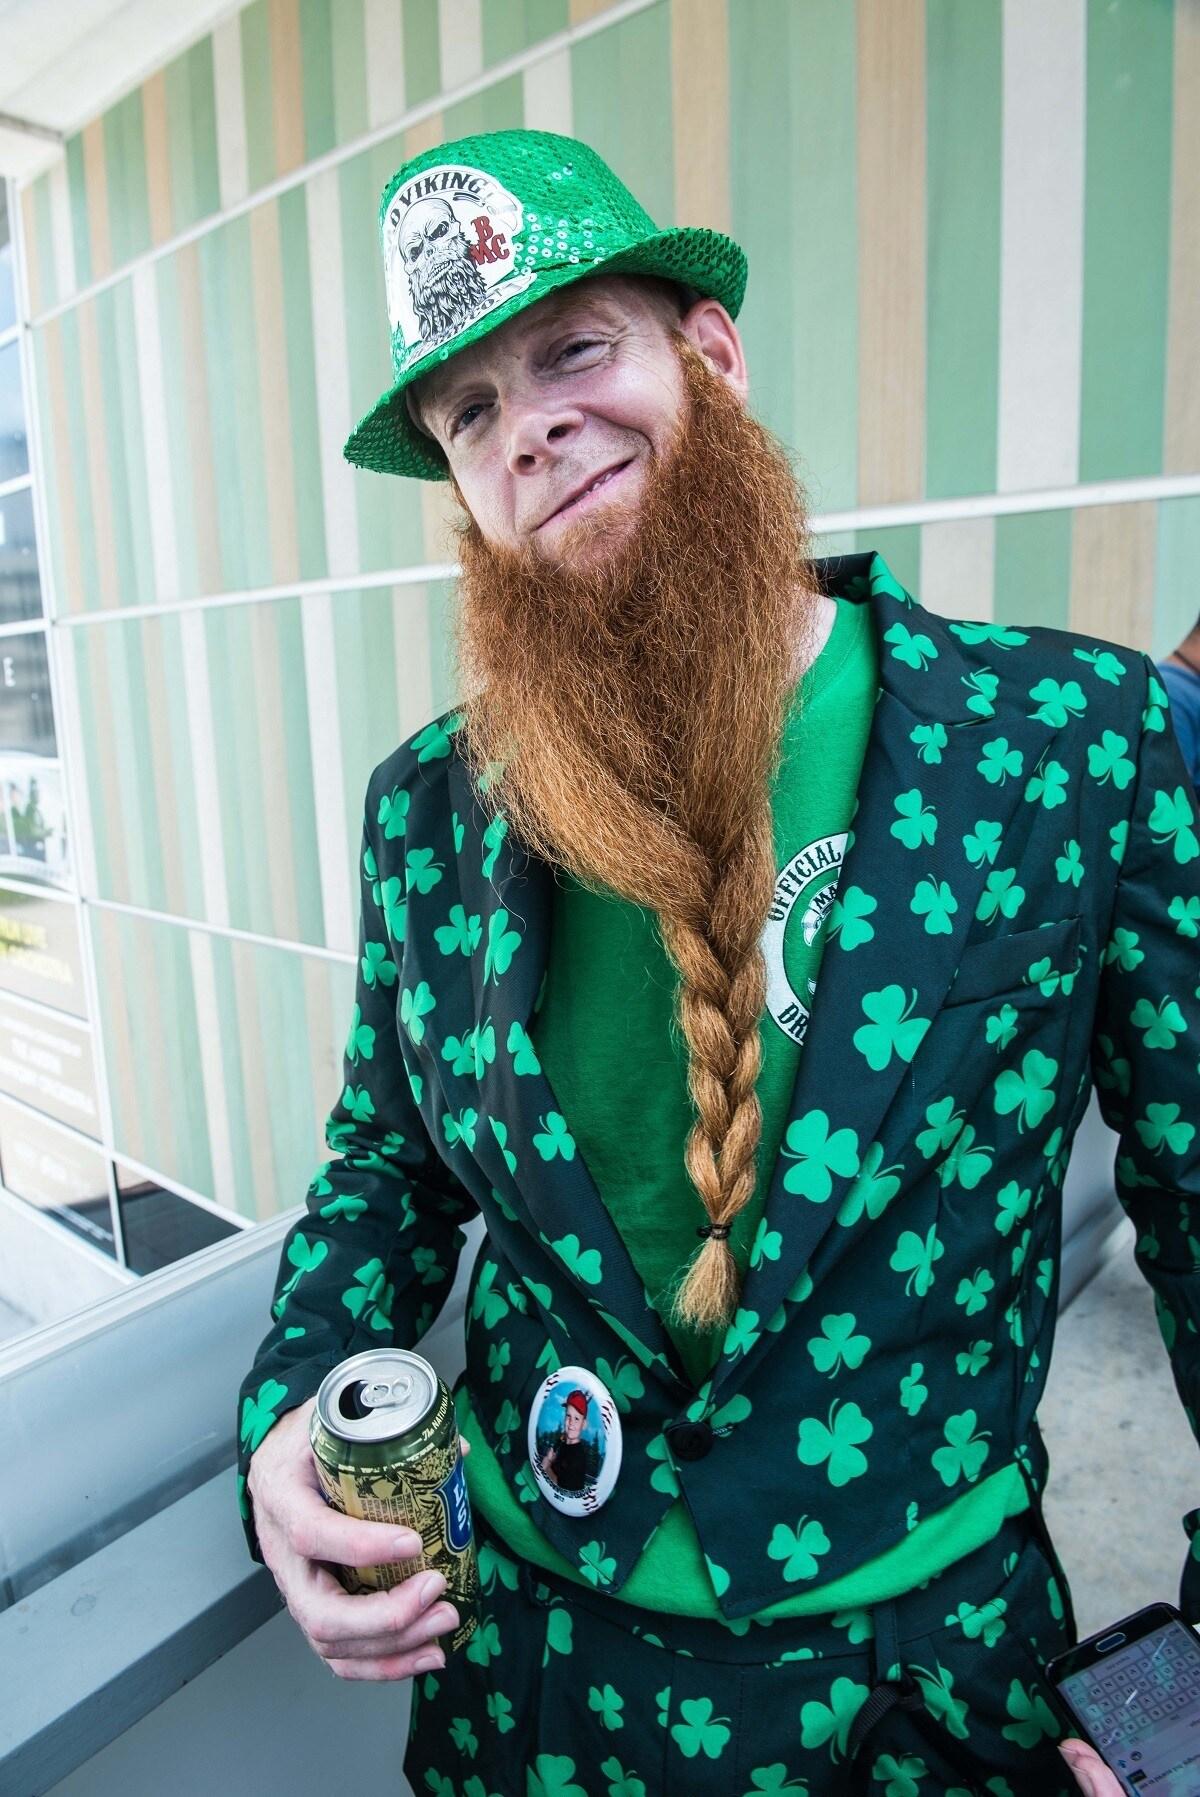 hombre con bigote y barba extravagante de color rojo